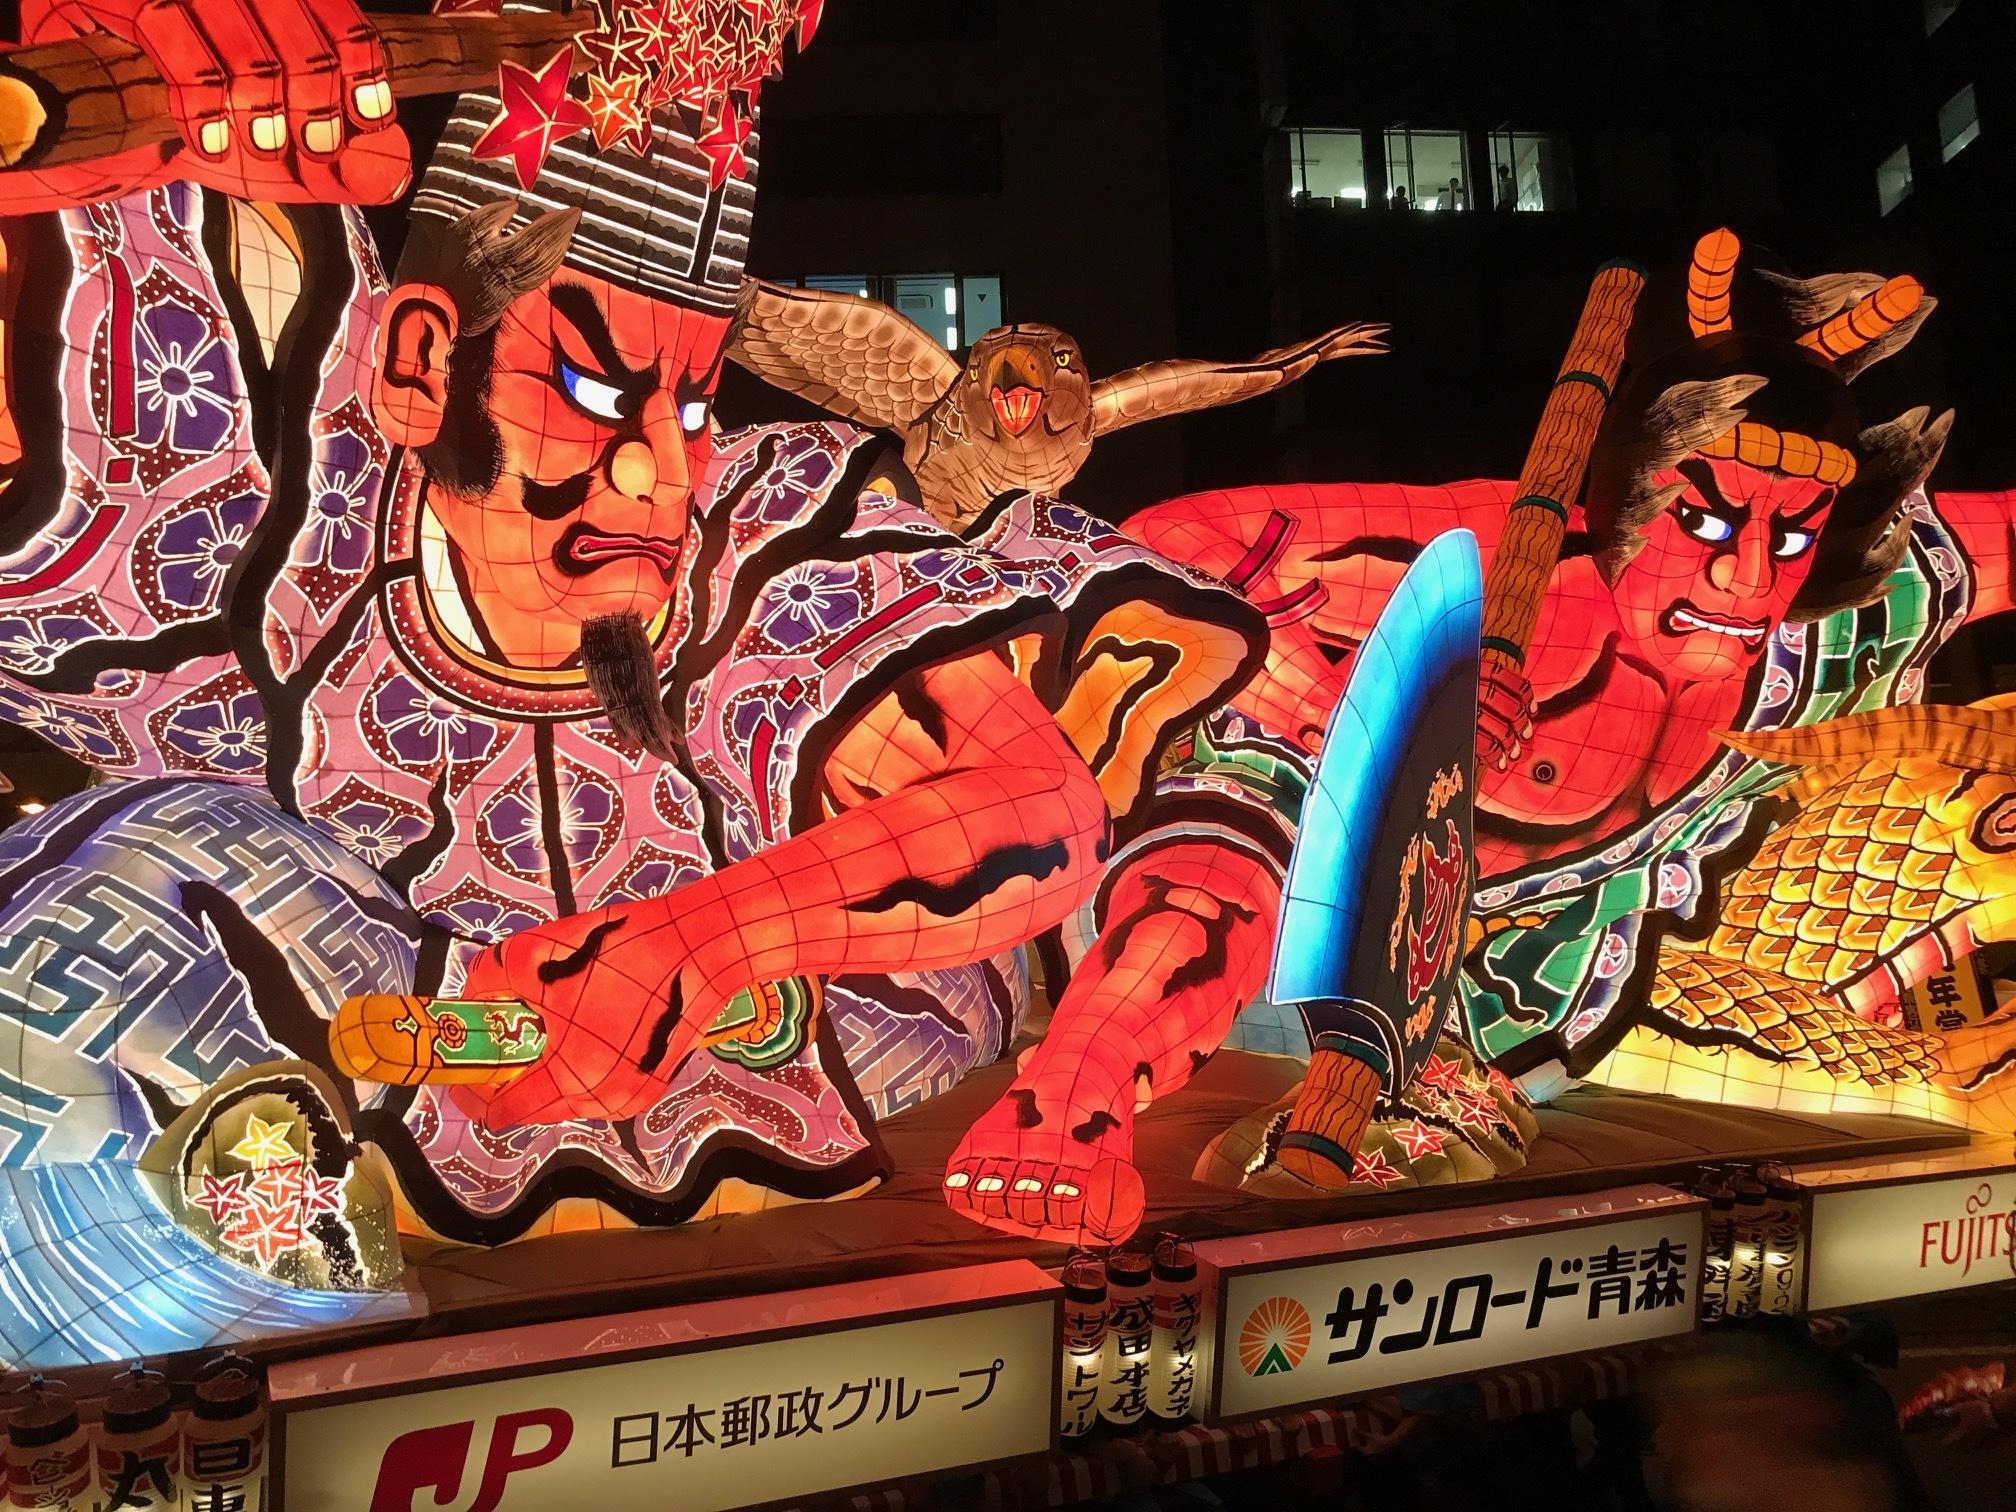 200万人超を熱狂させる日本屈指の祭り青森ねぶた祭 巨大